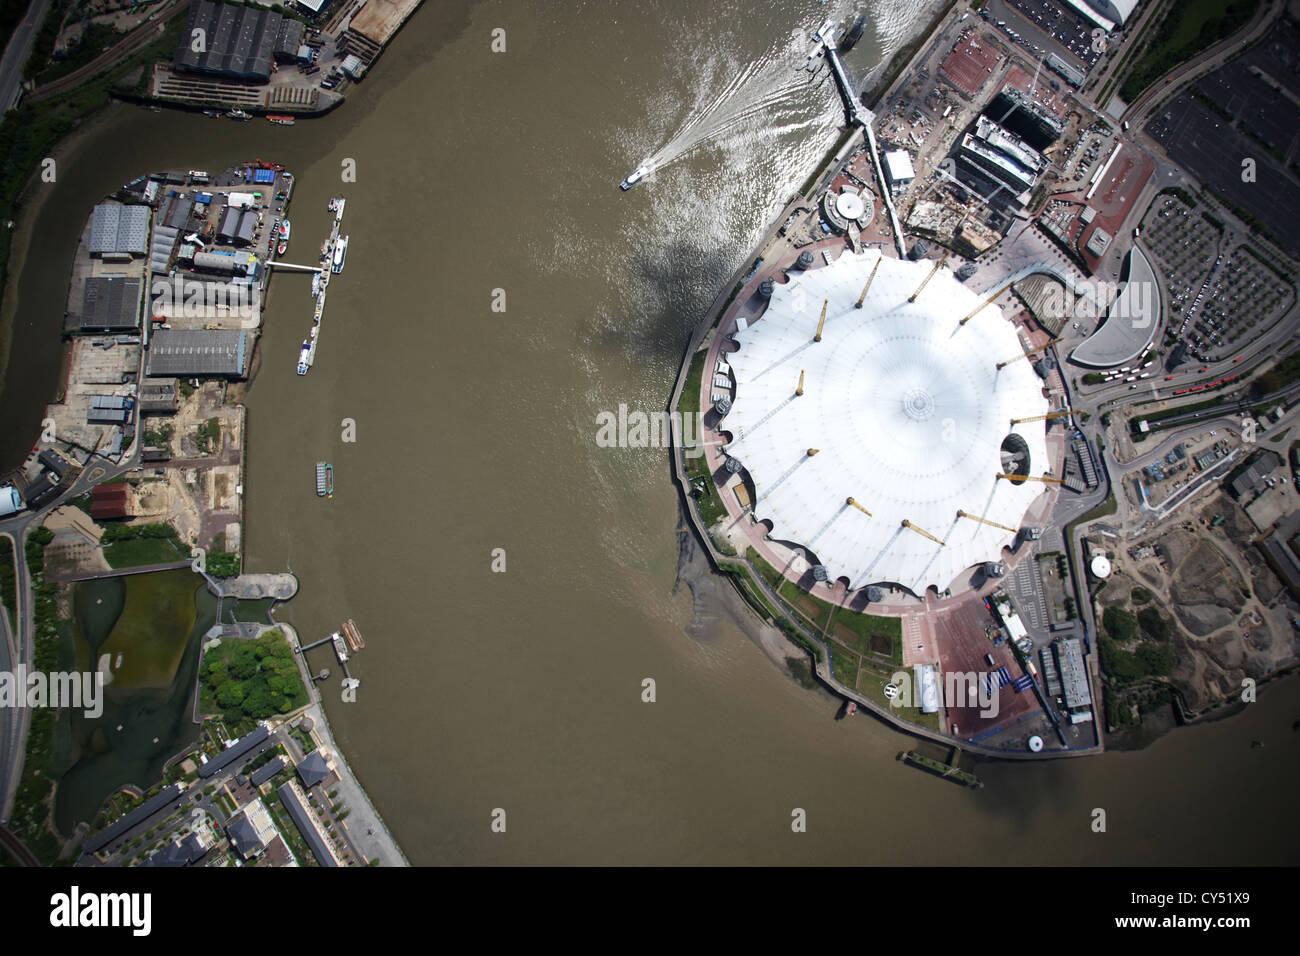 Luftaufnahme der O2-Arena auf der Themse, London Stockbild